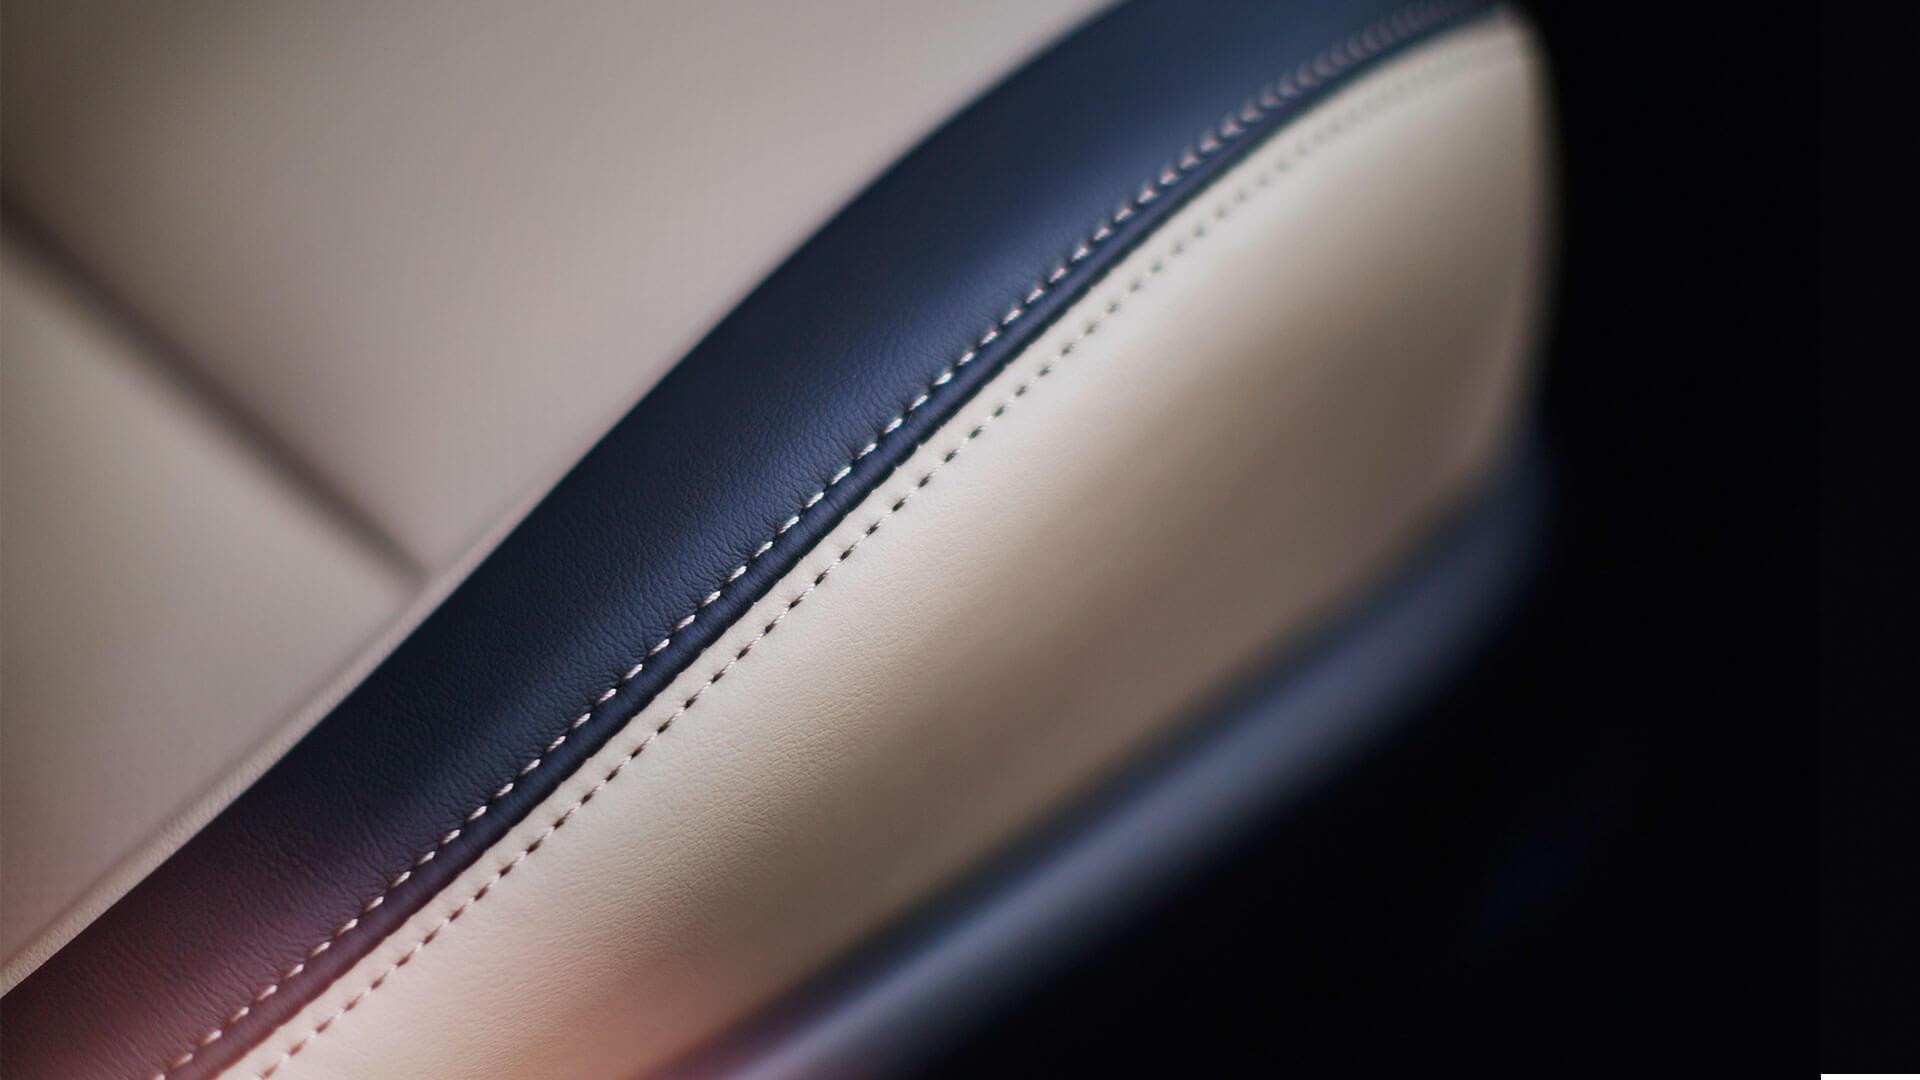 bekleding van een Lexus CT 200h